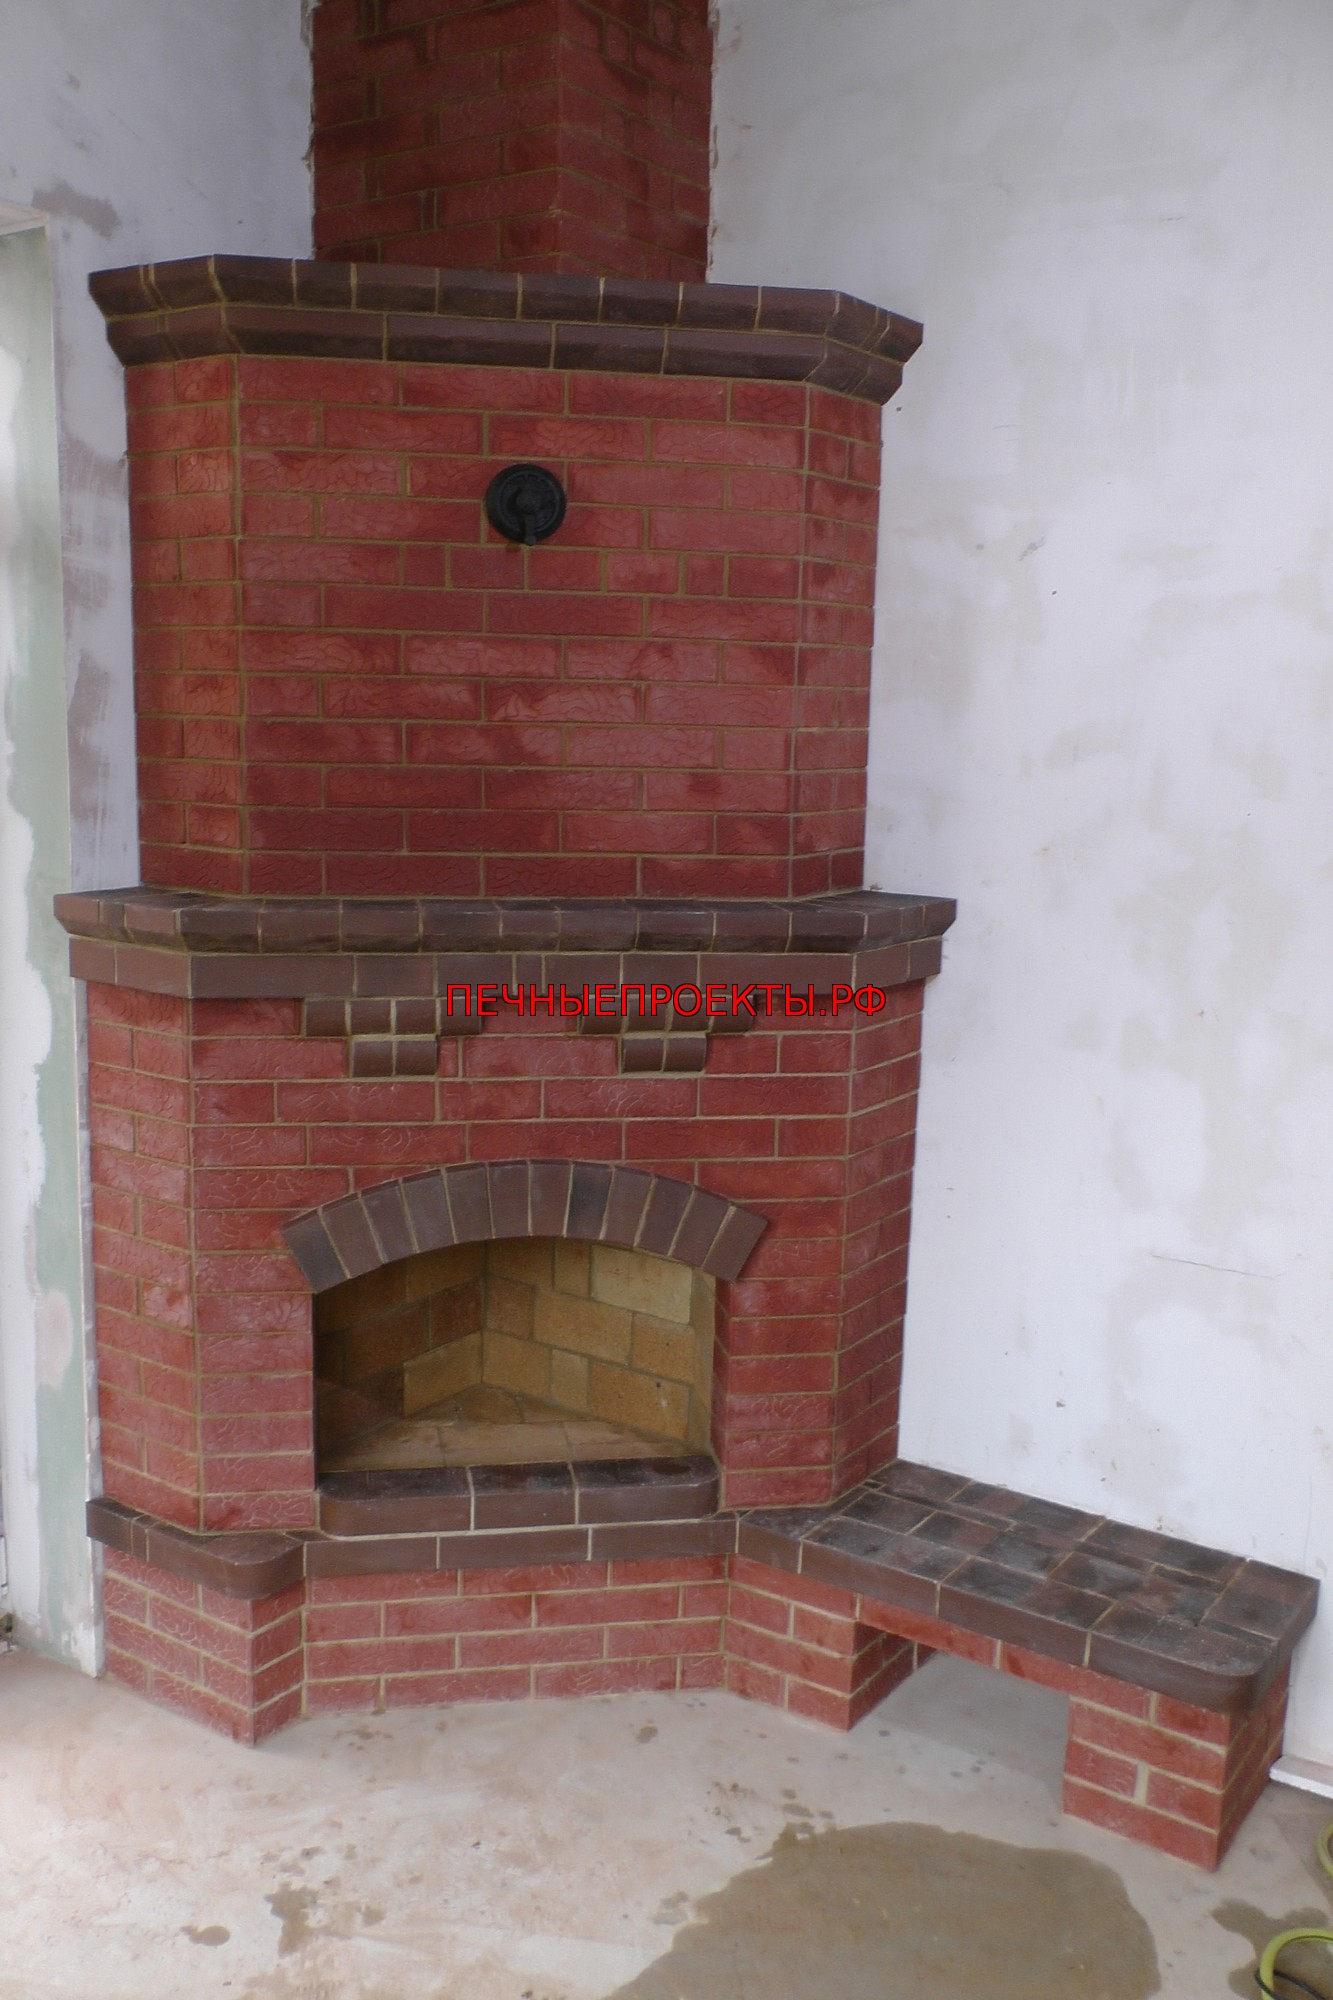 Угловой камин из кирпича: как сделать уникальную конструкцию для уютного дома